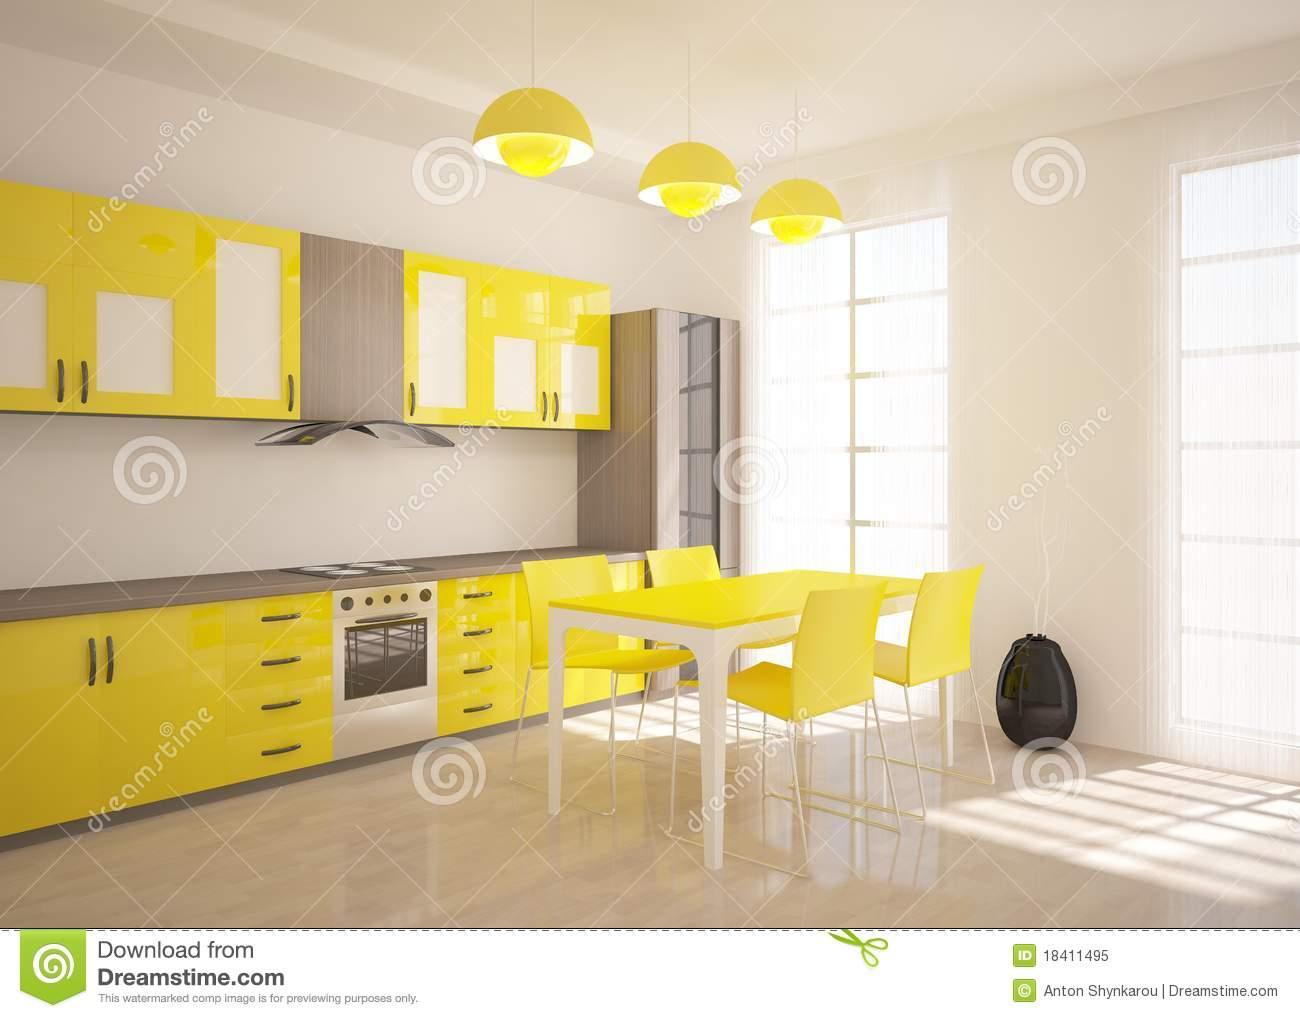 Meuble de cuisine jaune - Mobilier design, décoration d\'intérieur